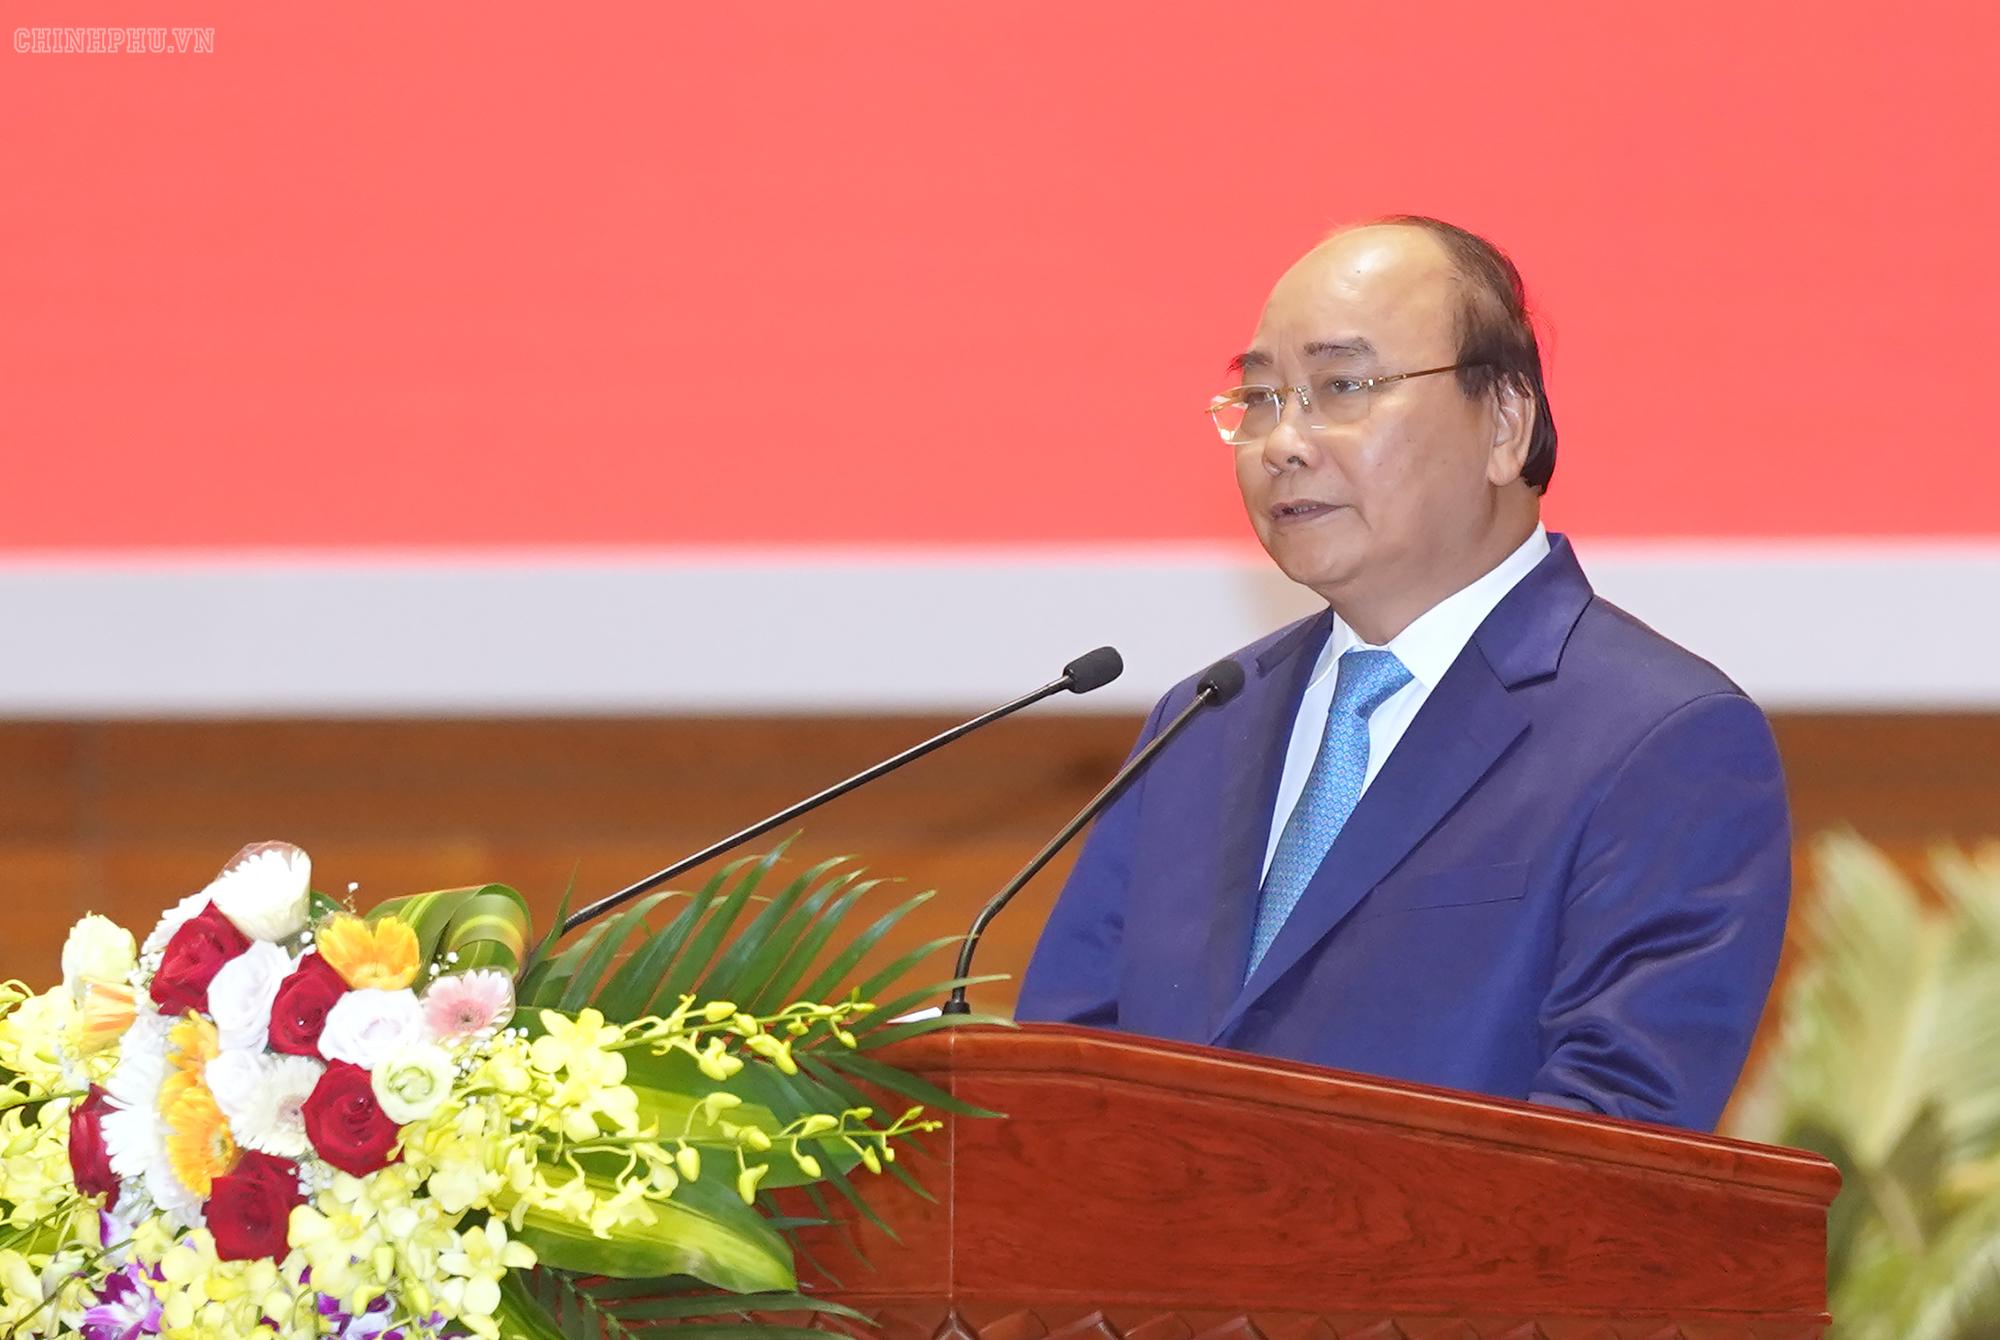 THỜI SỰ 12H TRƯA 8/7/2019: Thủ tướng Nguyễn Xuân Phúc dự Hội nghị Quân chính toàn quân 6 tháng đầu năm nay.